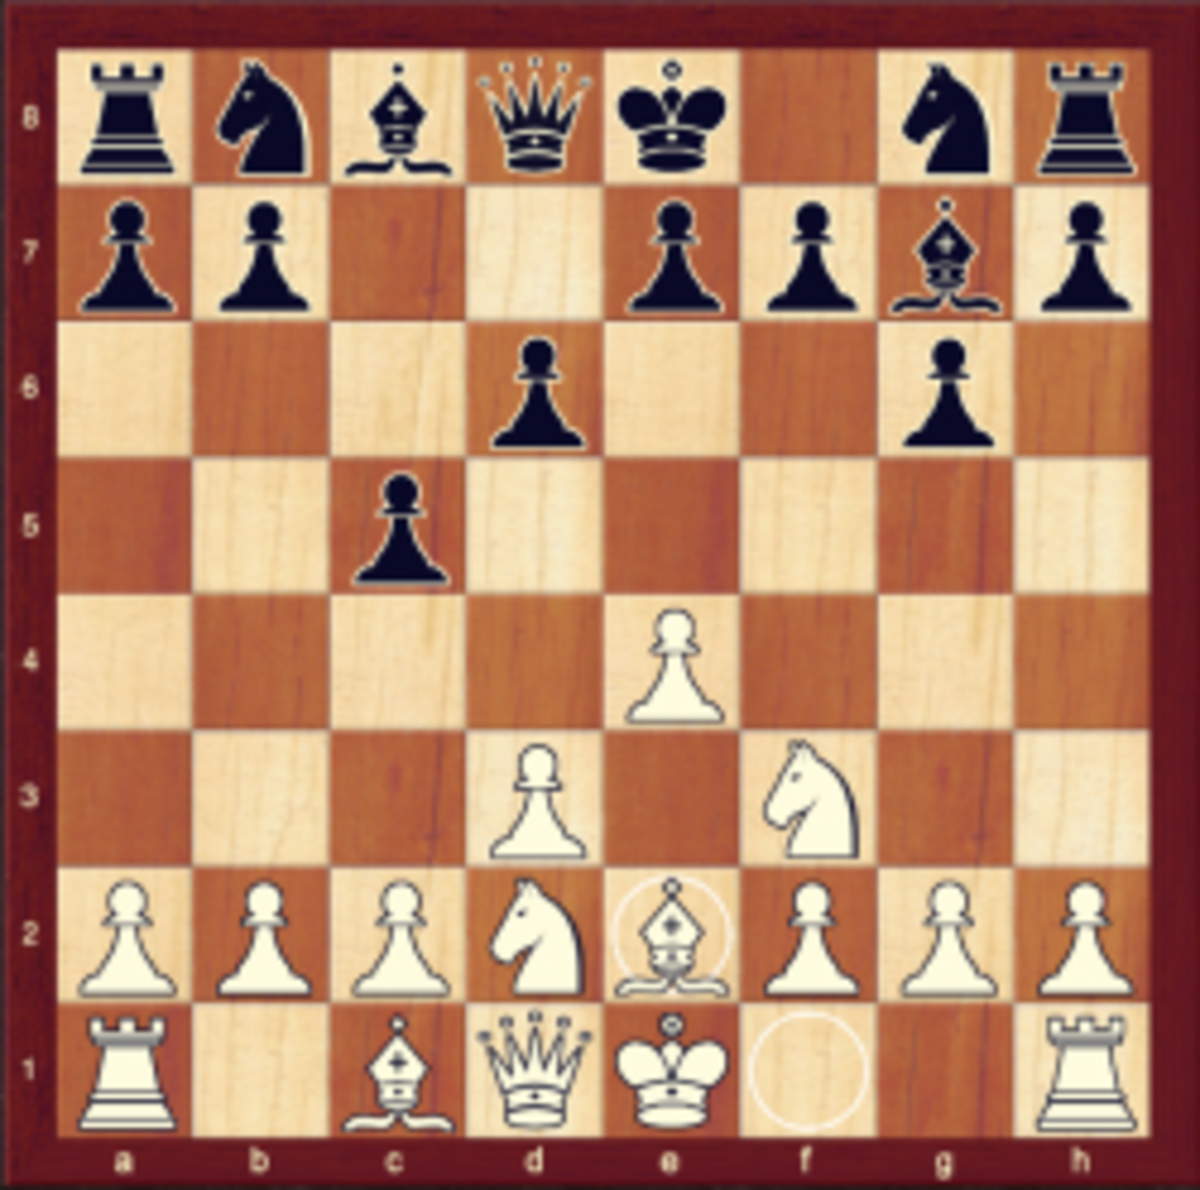 Inverted Hanham vs. the Sicilian